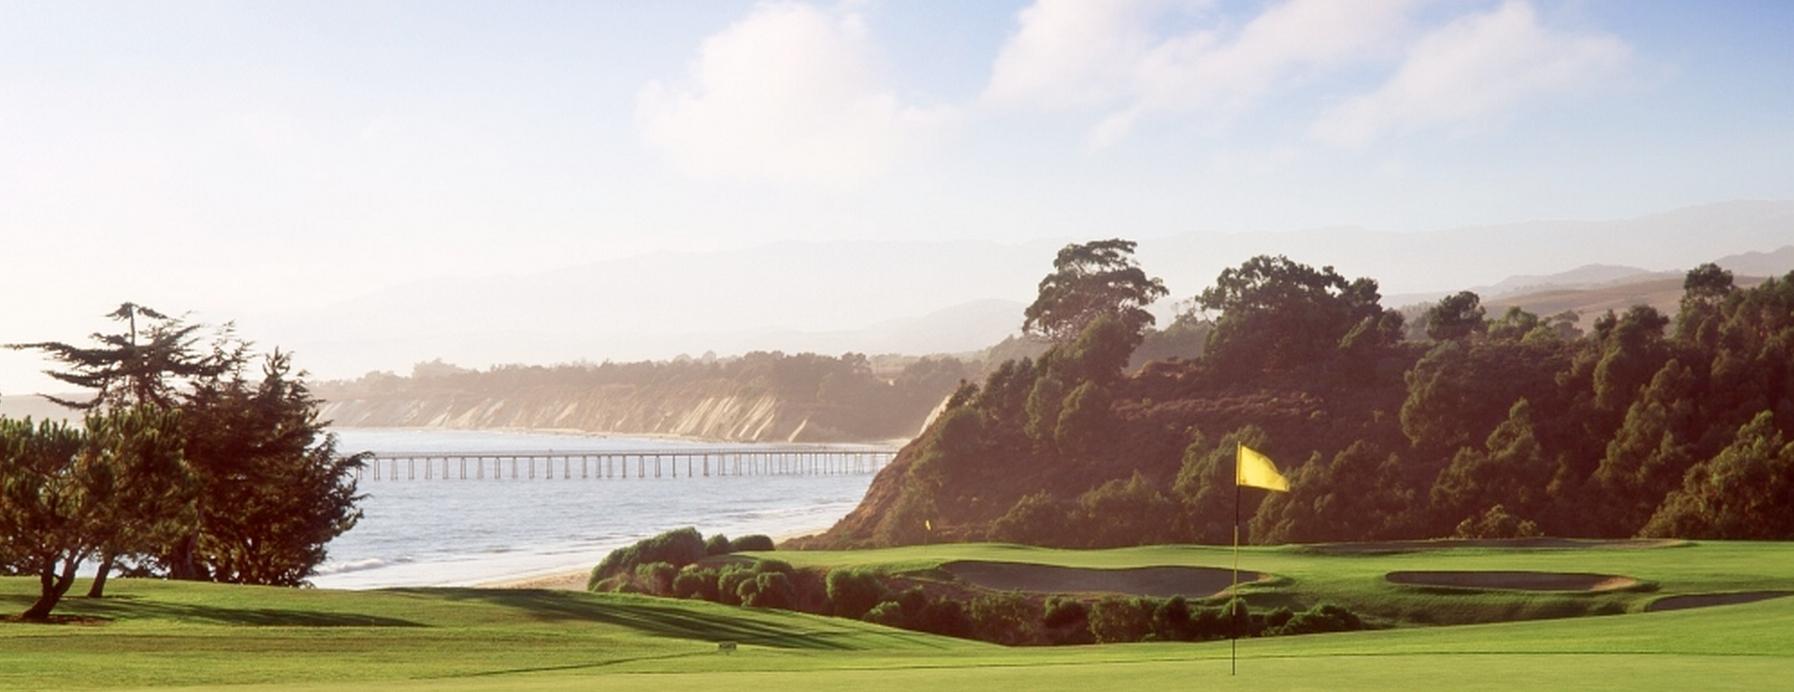 Sandpiper Golf Course | Image: Sandpiper Golf